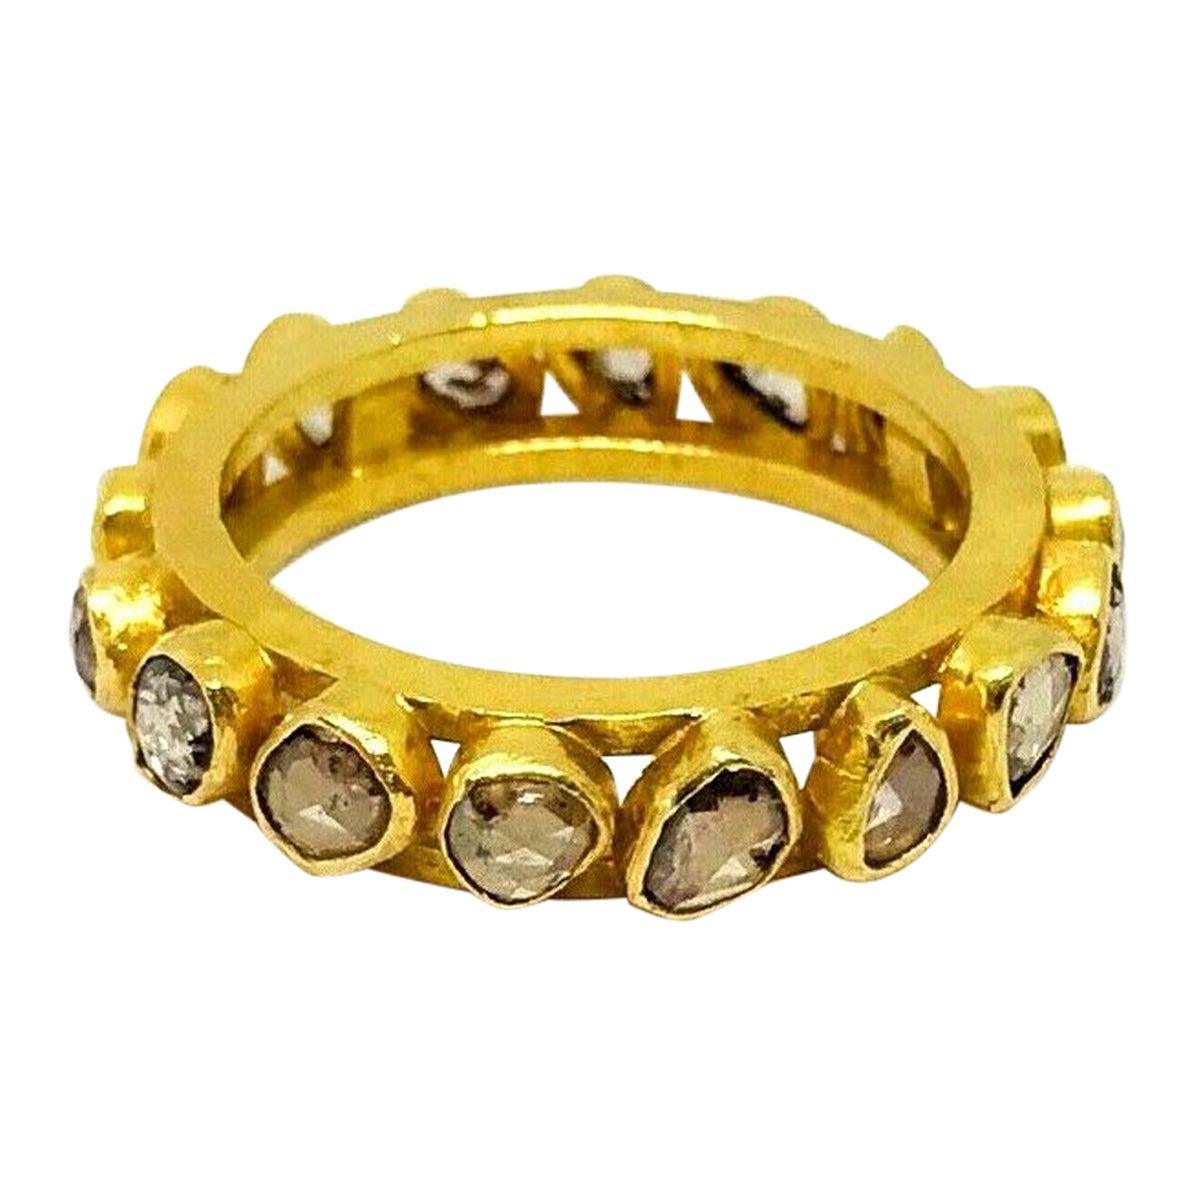 Artisan 22 Karat Yellow Gold Rose Cut Diamond Band Ring